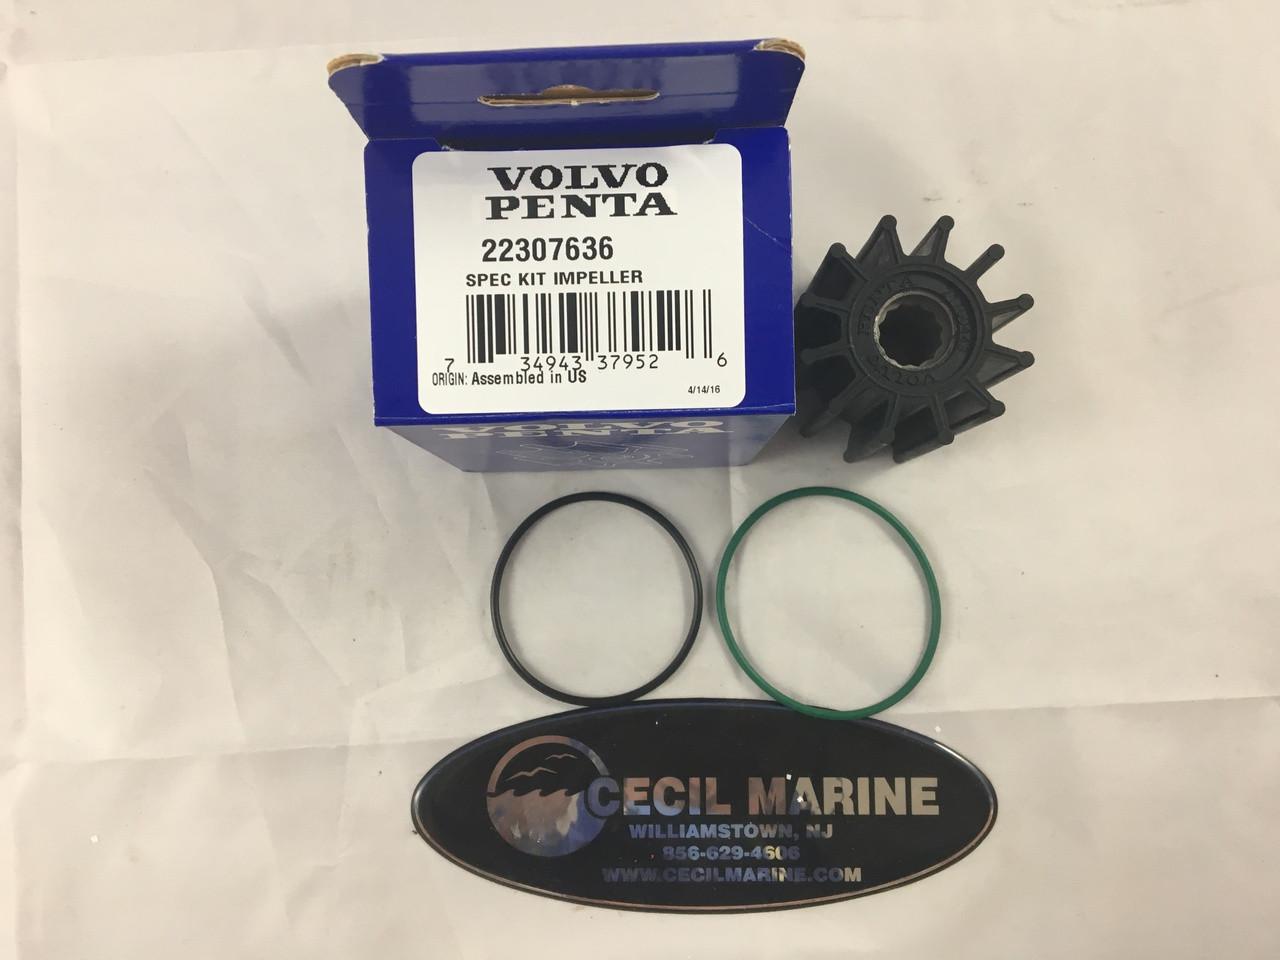 $57.87* GENUINE VOLVO IMPELLER KIT 22307636 **In stock & ready to ship!